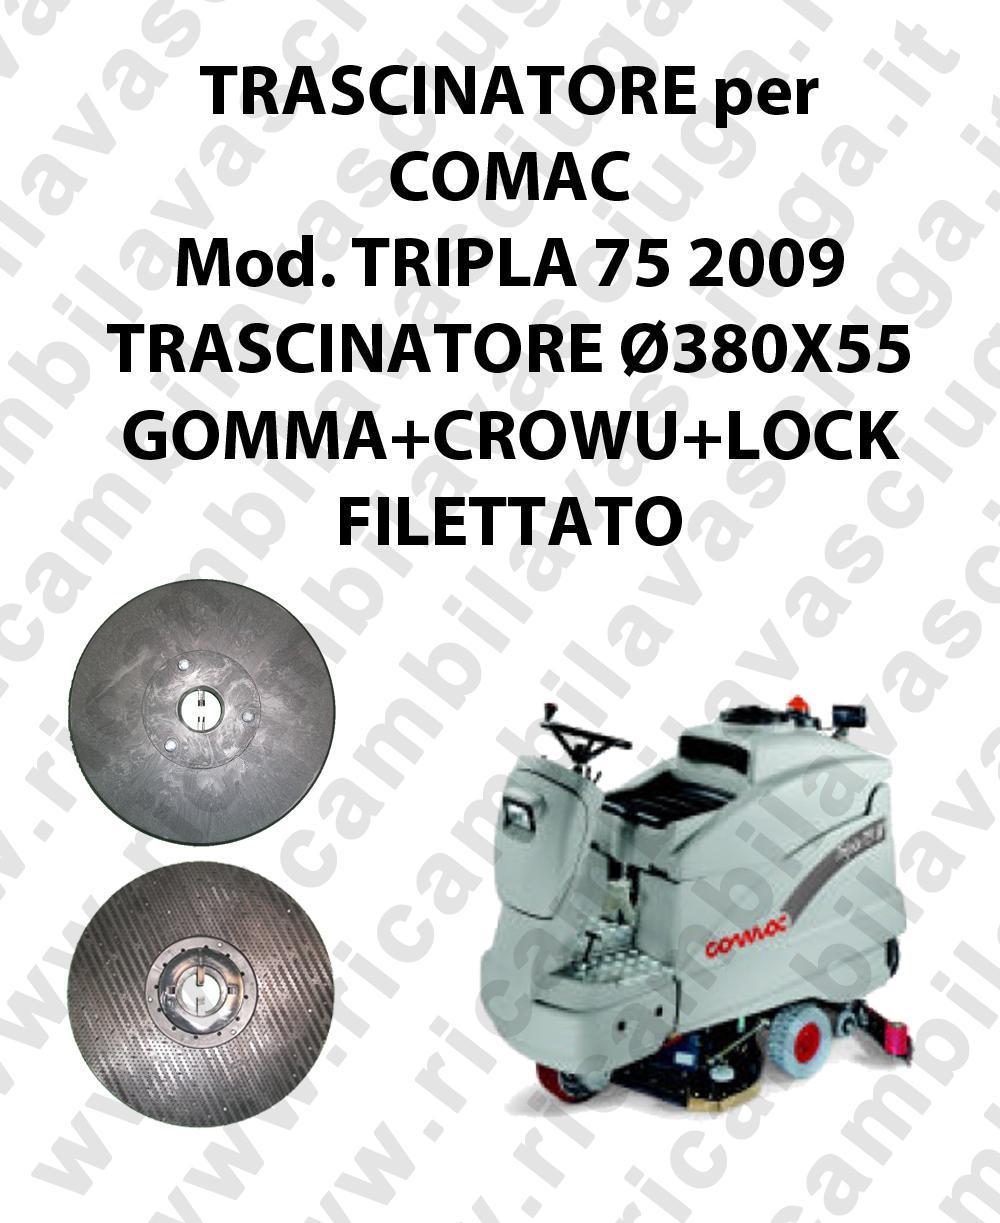 TRIPLA 75 2009 Treiberteller für scheuersaugmaschinen COMAC